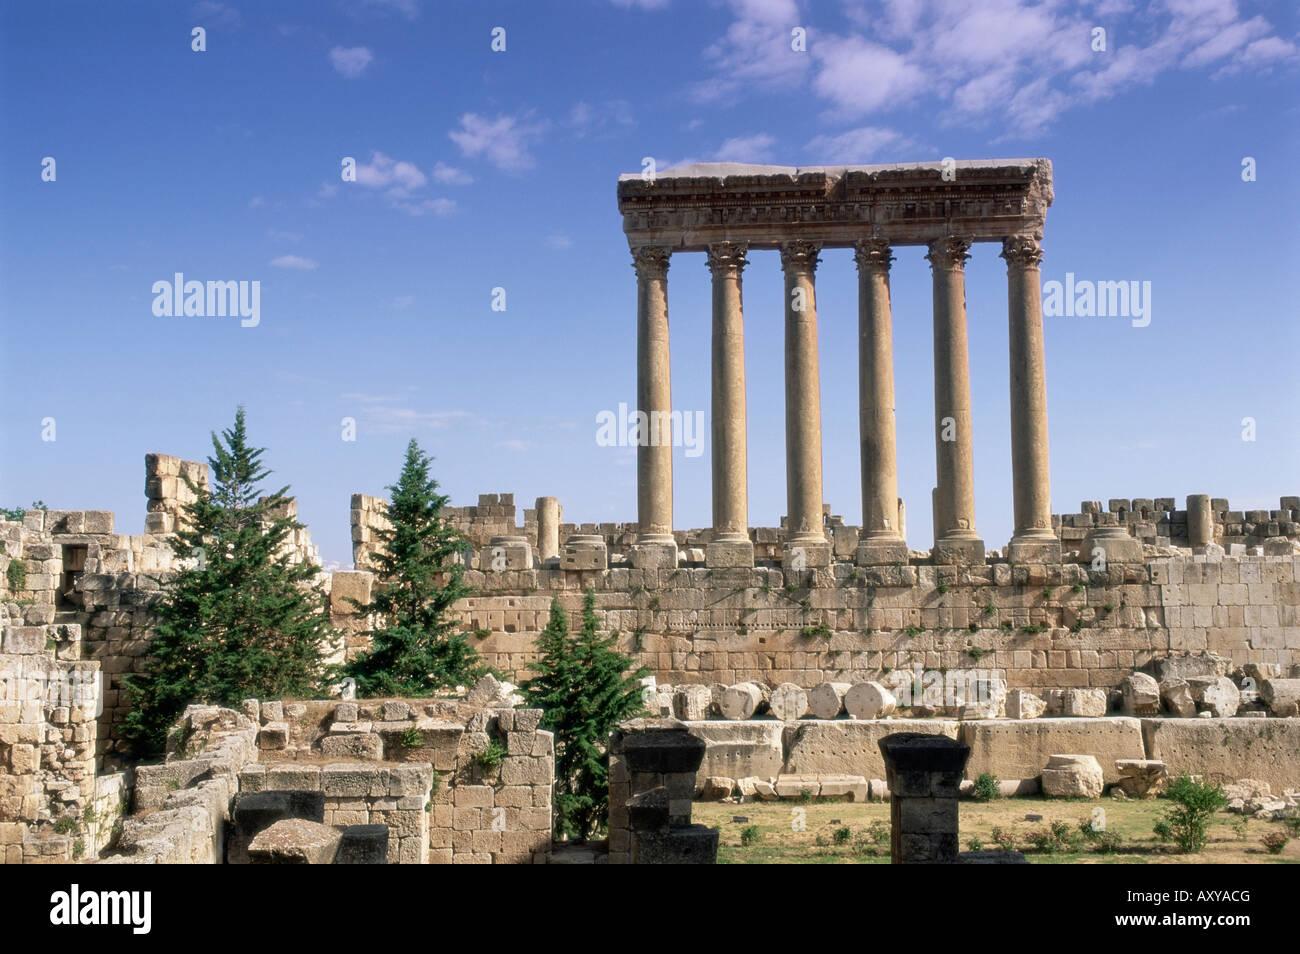 Tempio romano di Giove, Baalbek sito archeologico, Sito Patrimonio Mondiale dell'UNESCO, Bekaa Valley, Libano, Immagini Stock